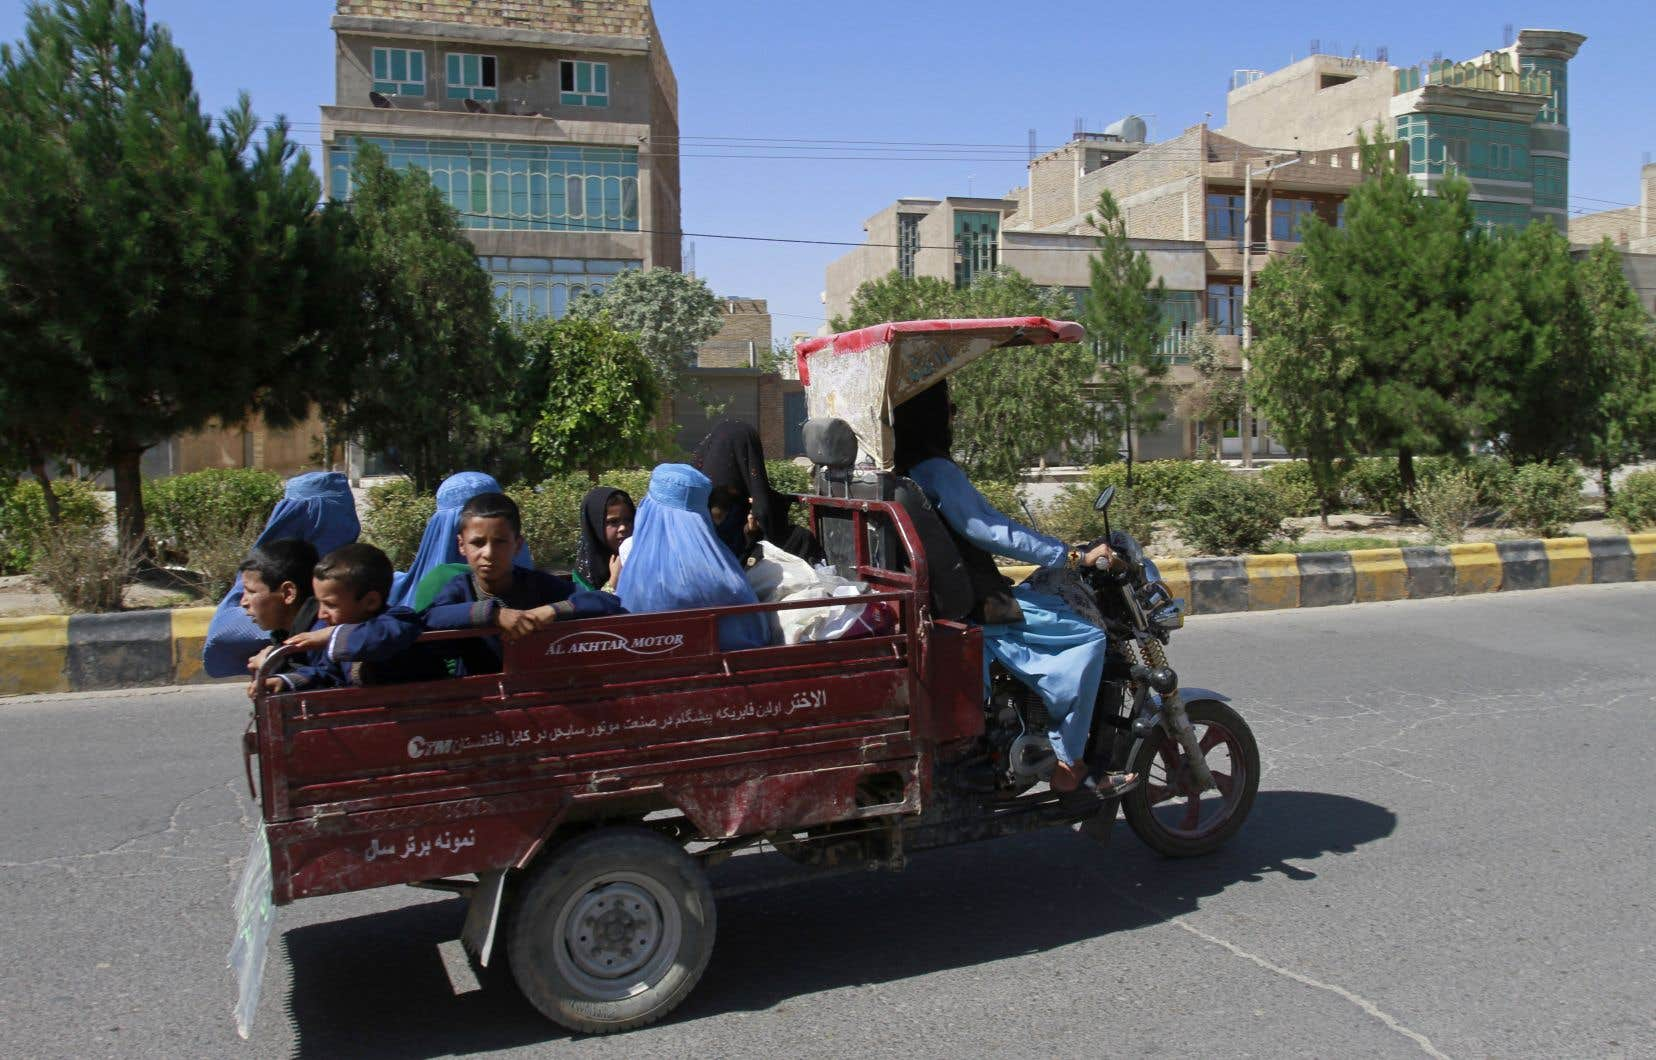 L'urgence se fait sentir alors que les talibans continuent de s'emparer de vastes régions en Afghanistan.